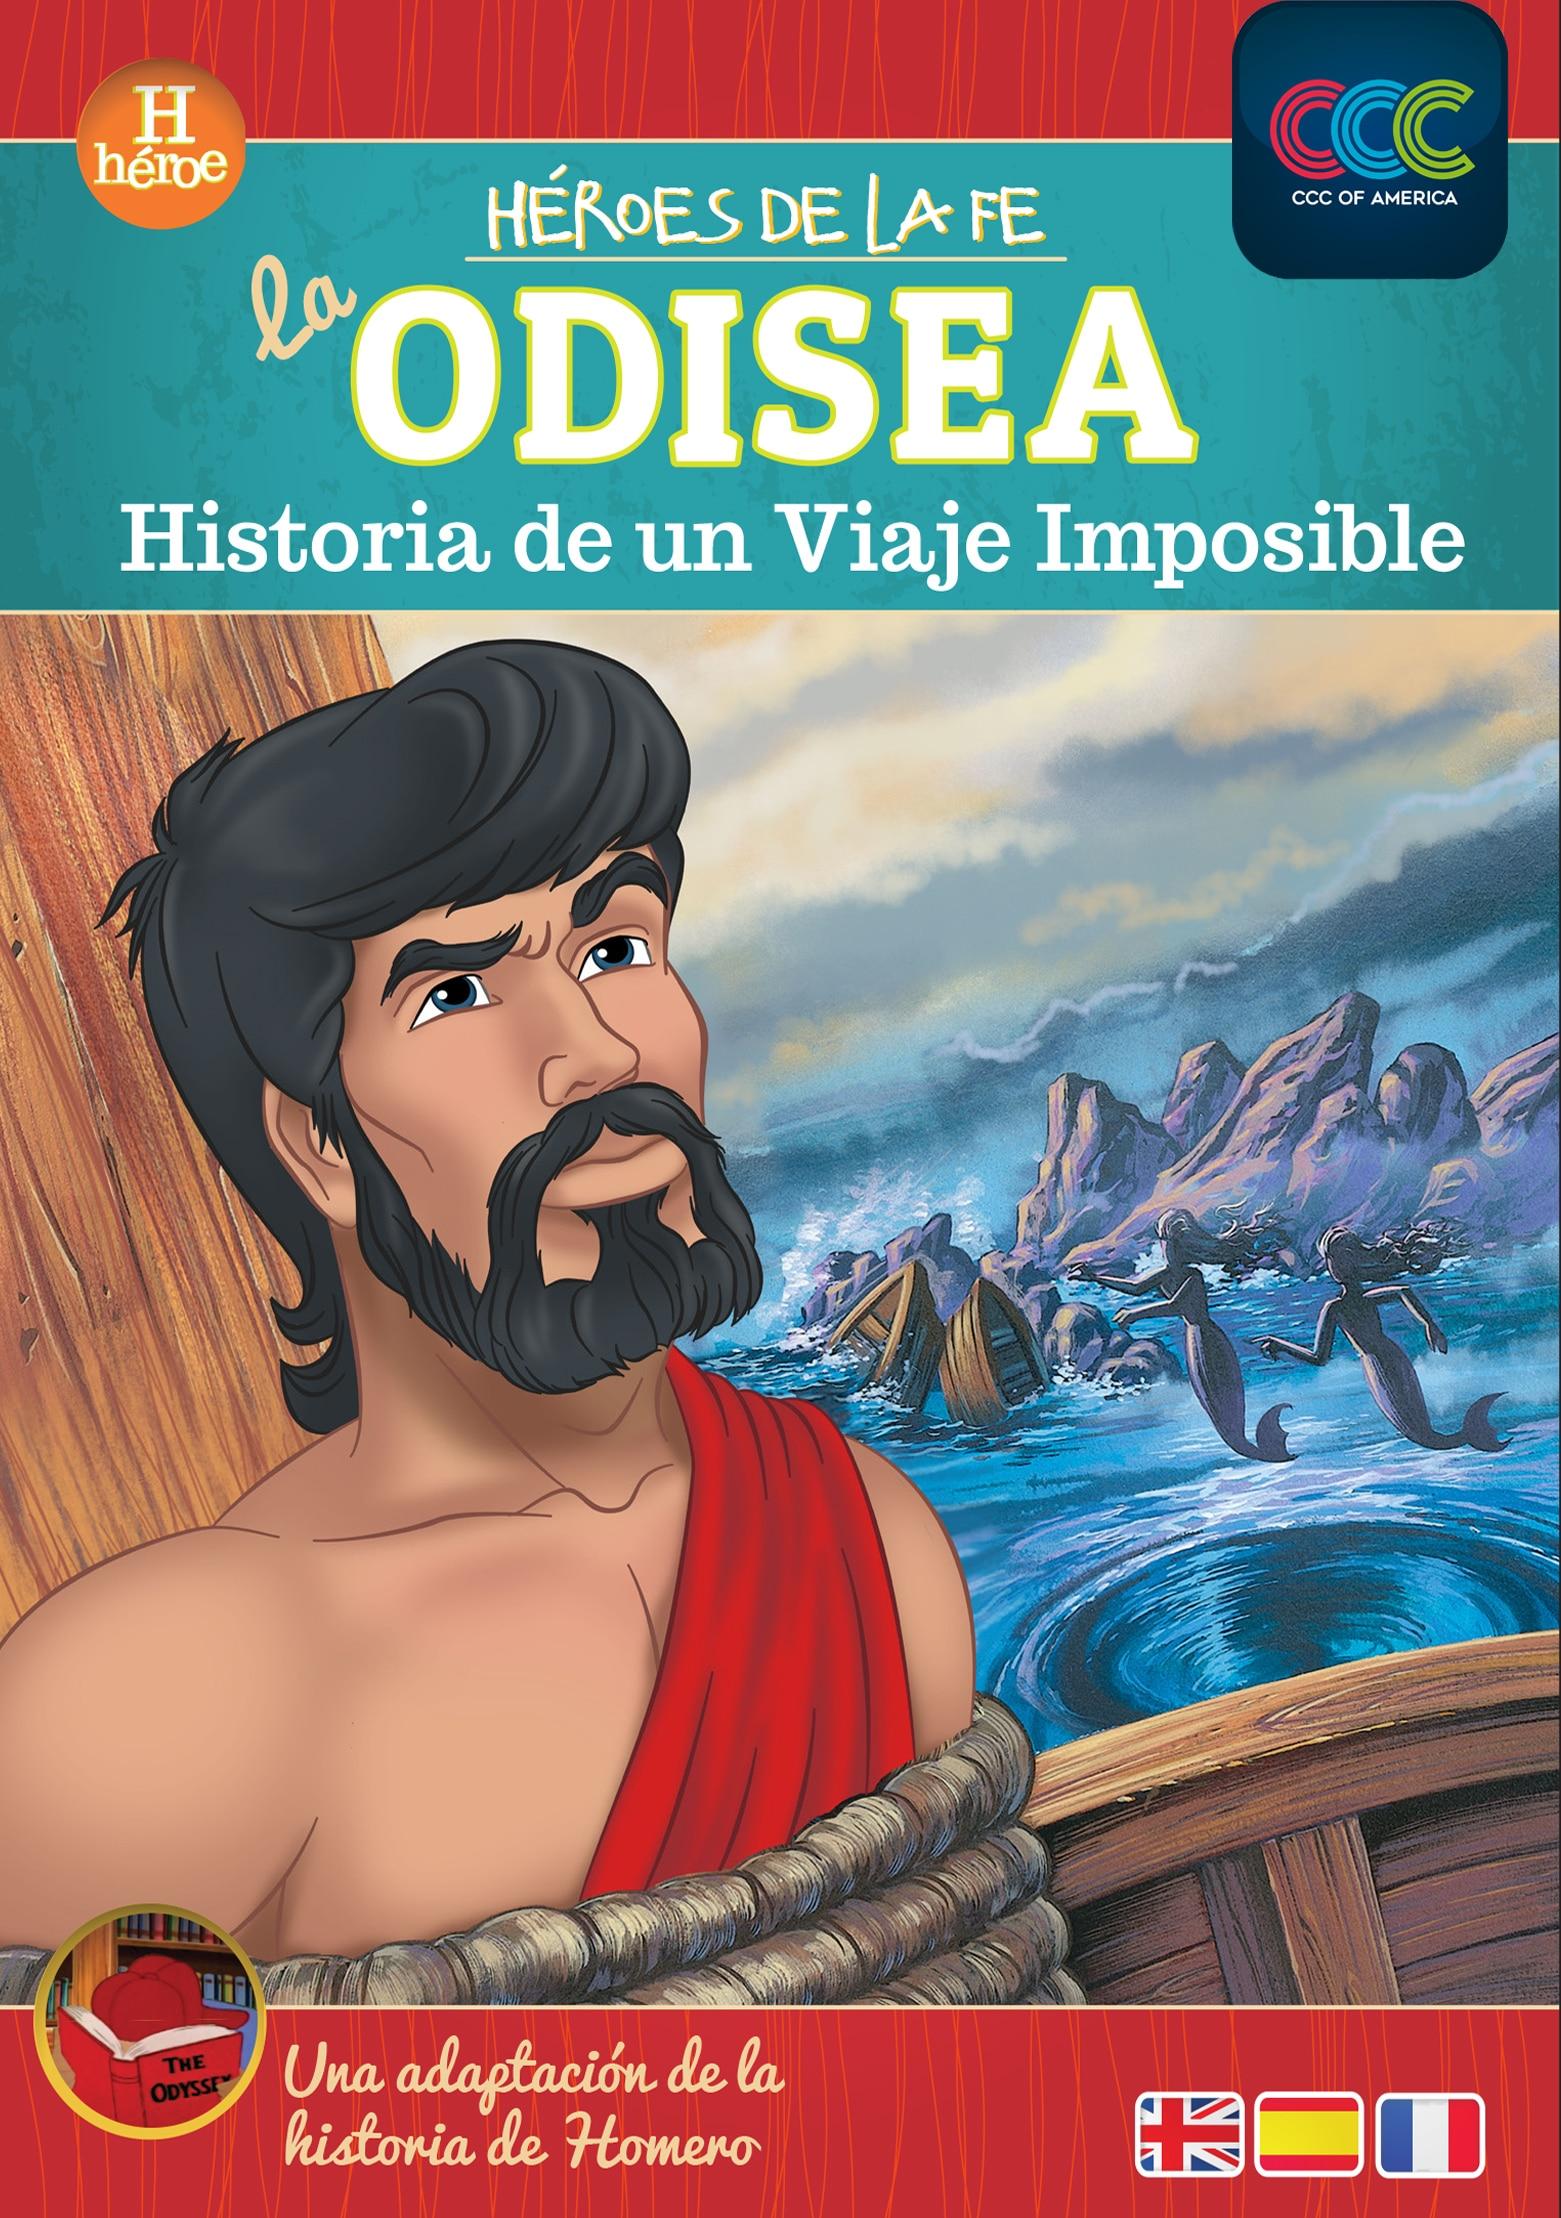 La Odisea (Historia de un viaje imposible)